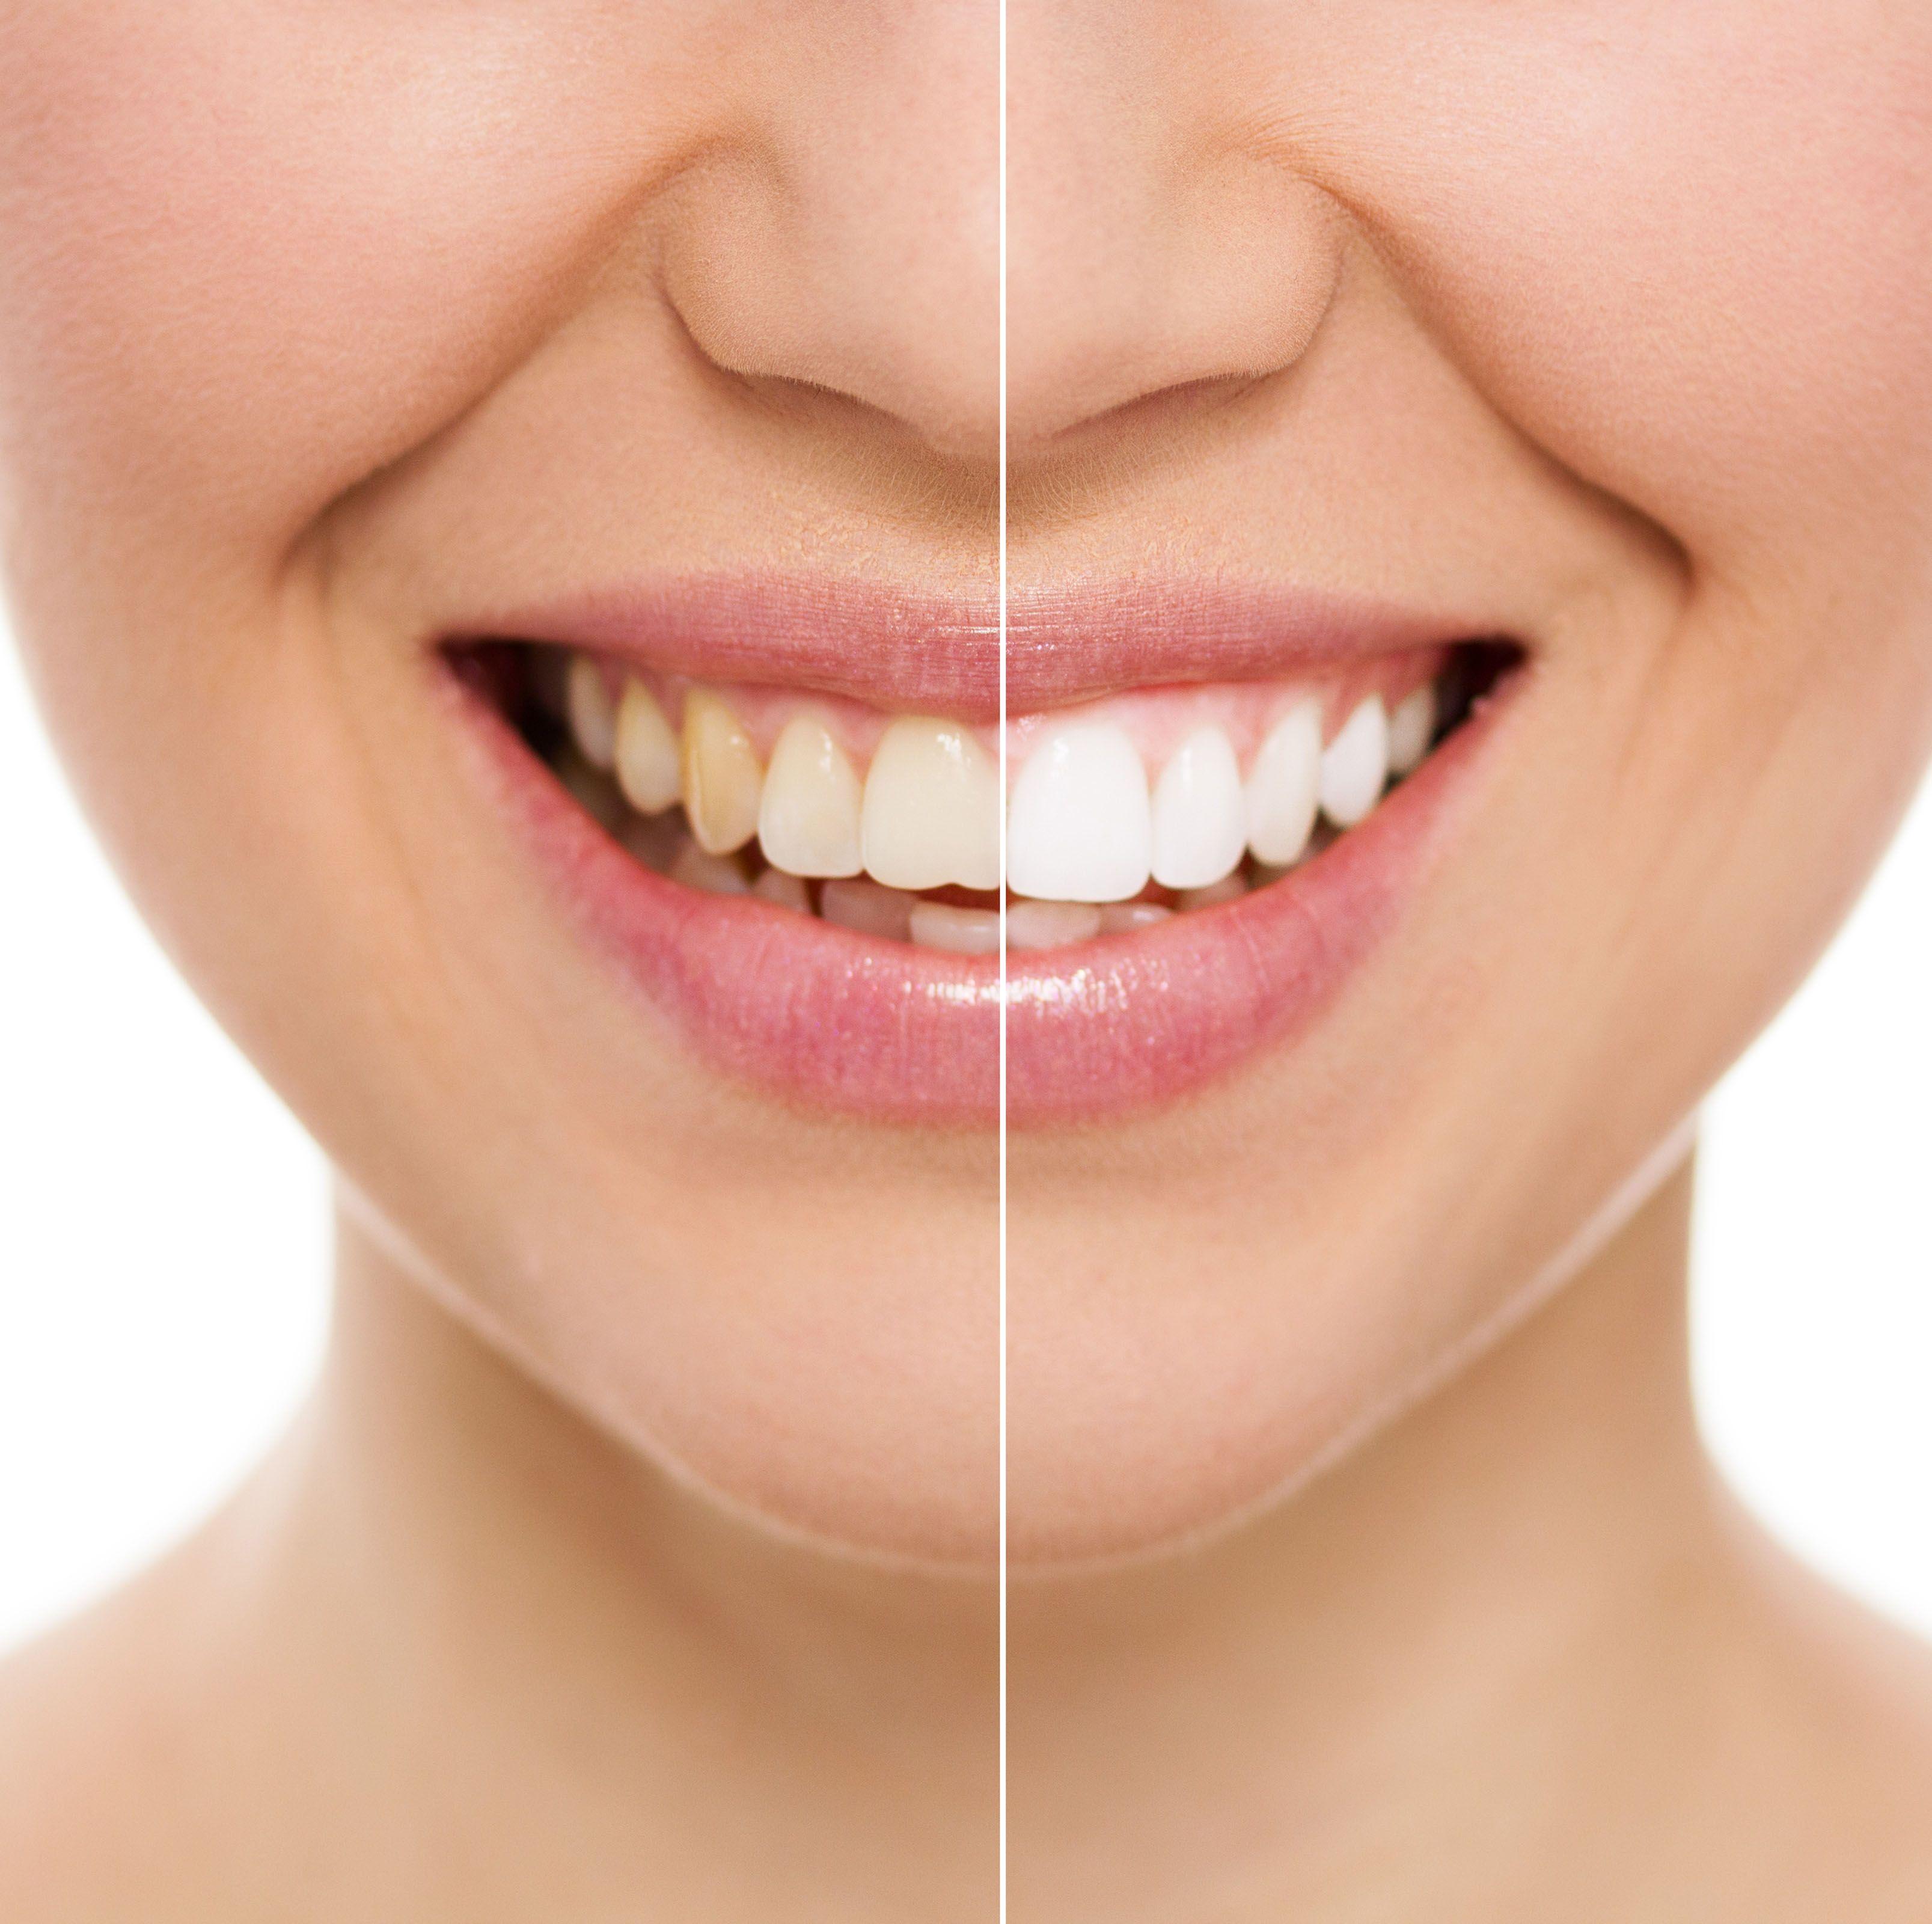 10 mitos y verdades sobre el blanqueamiento dental